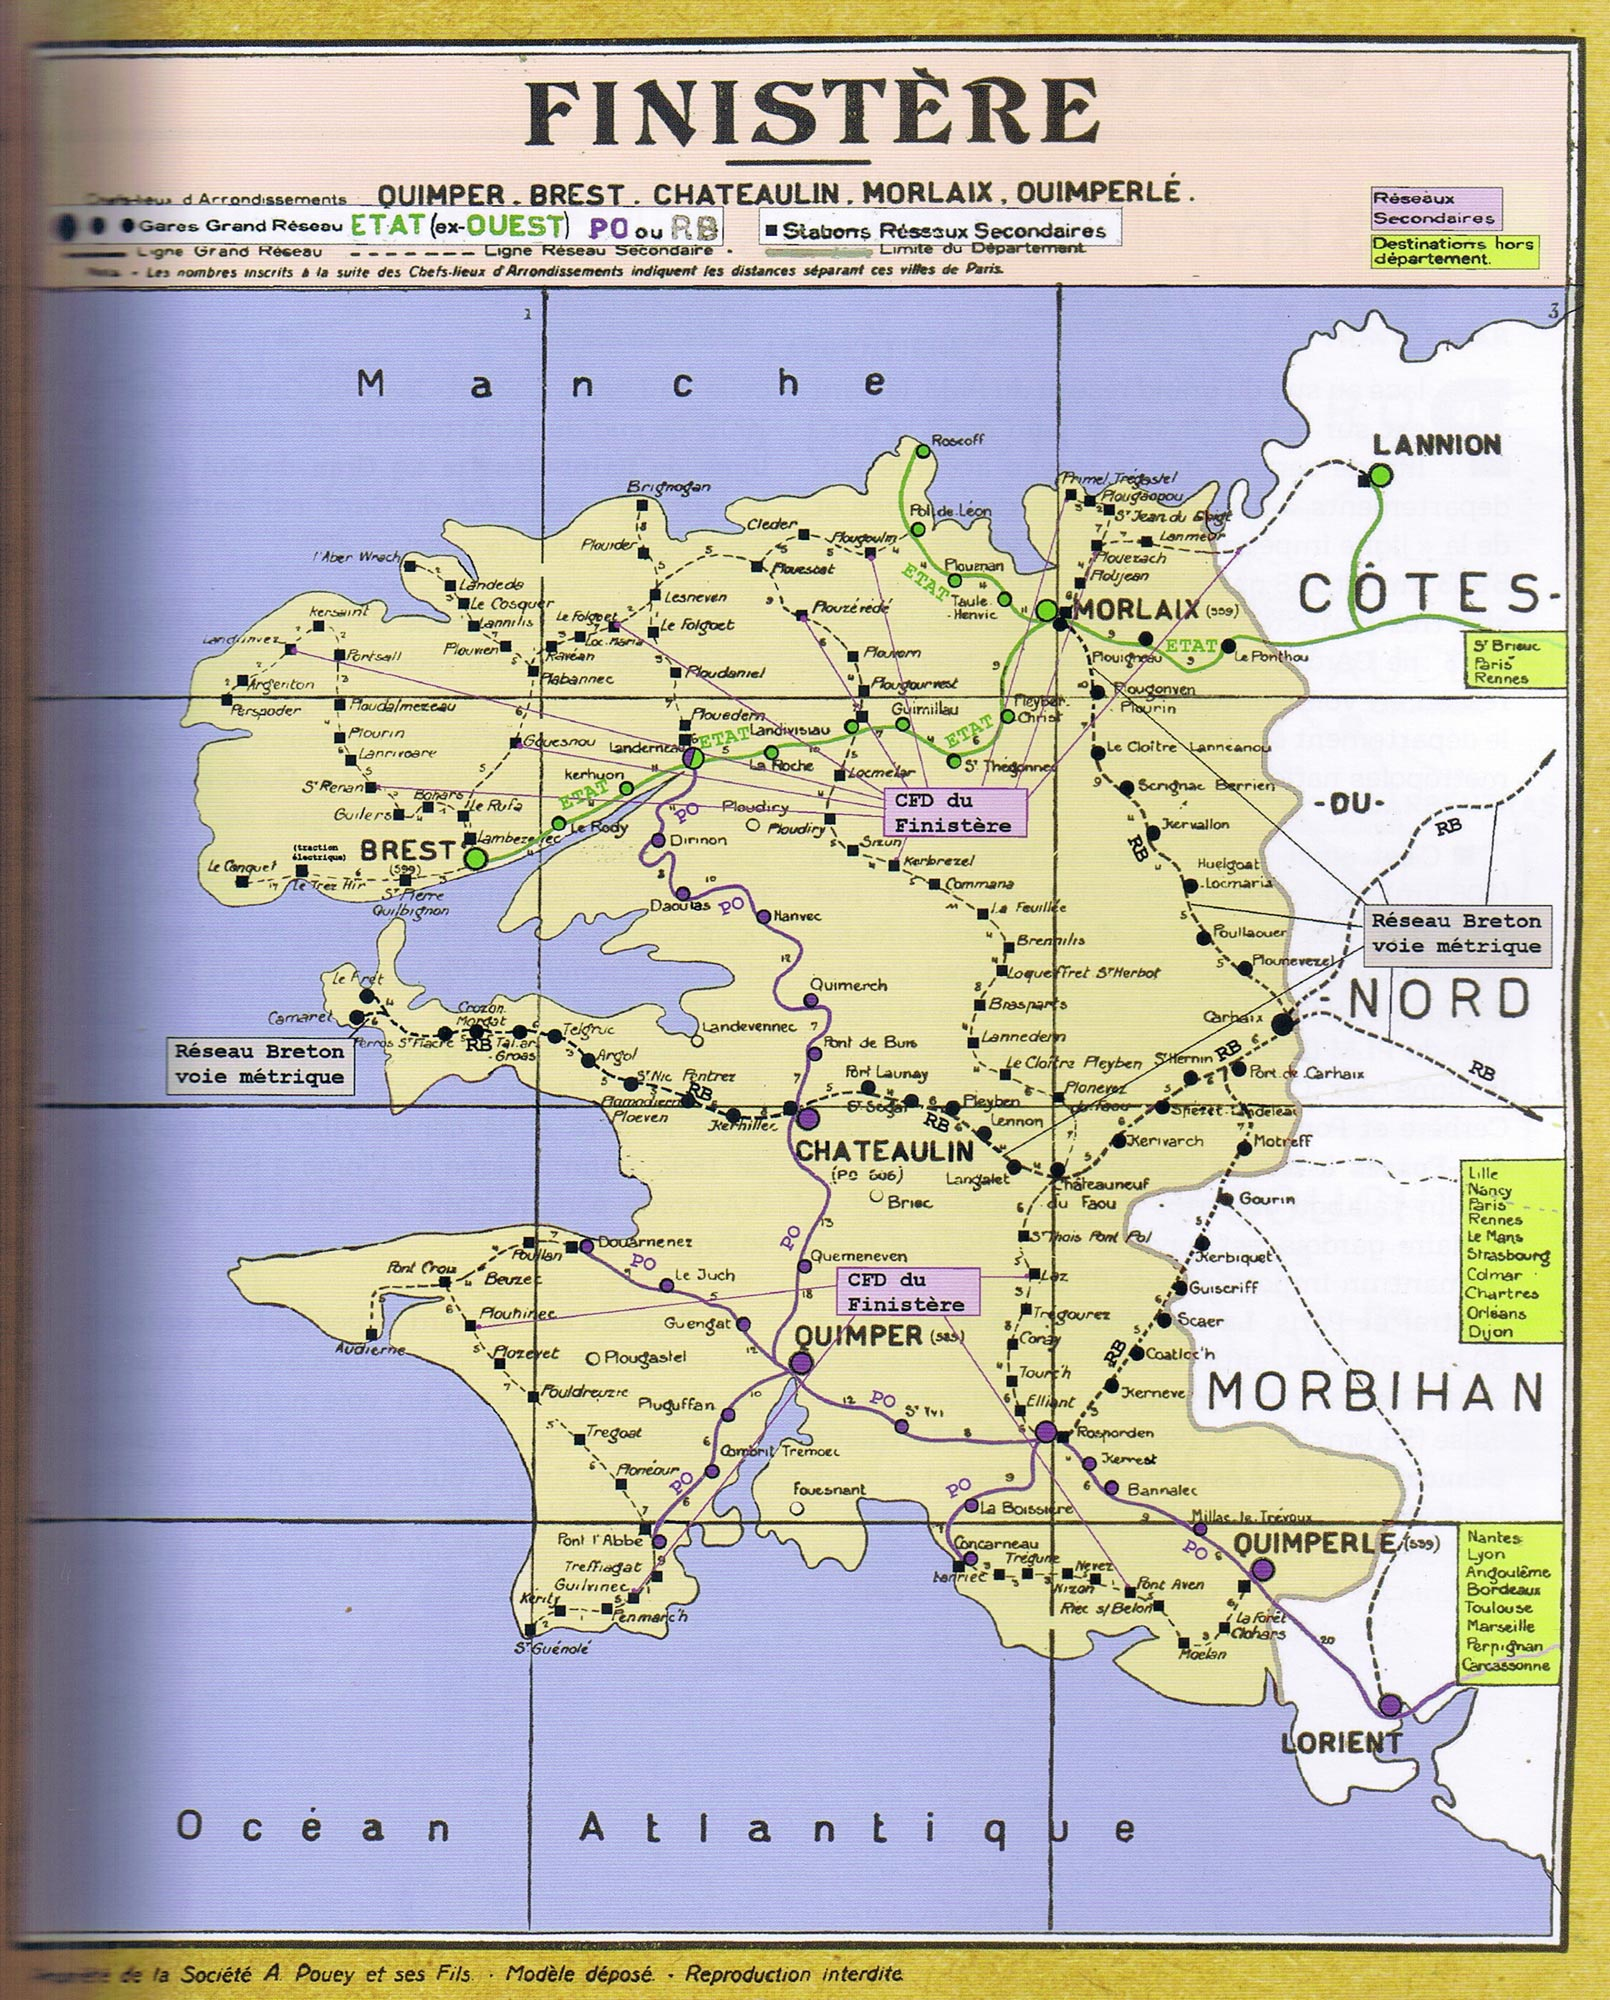 Les lignes de train ont été énormément supprimées ces dernières années, comme dans le Finistère.